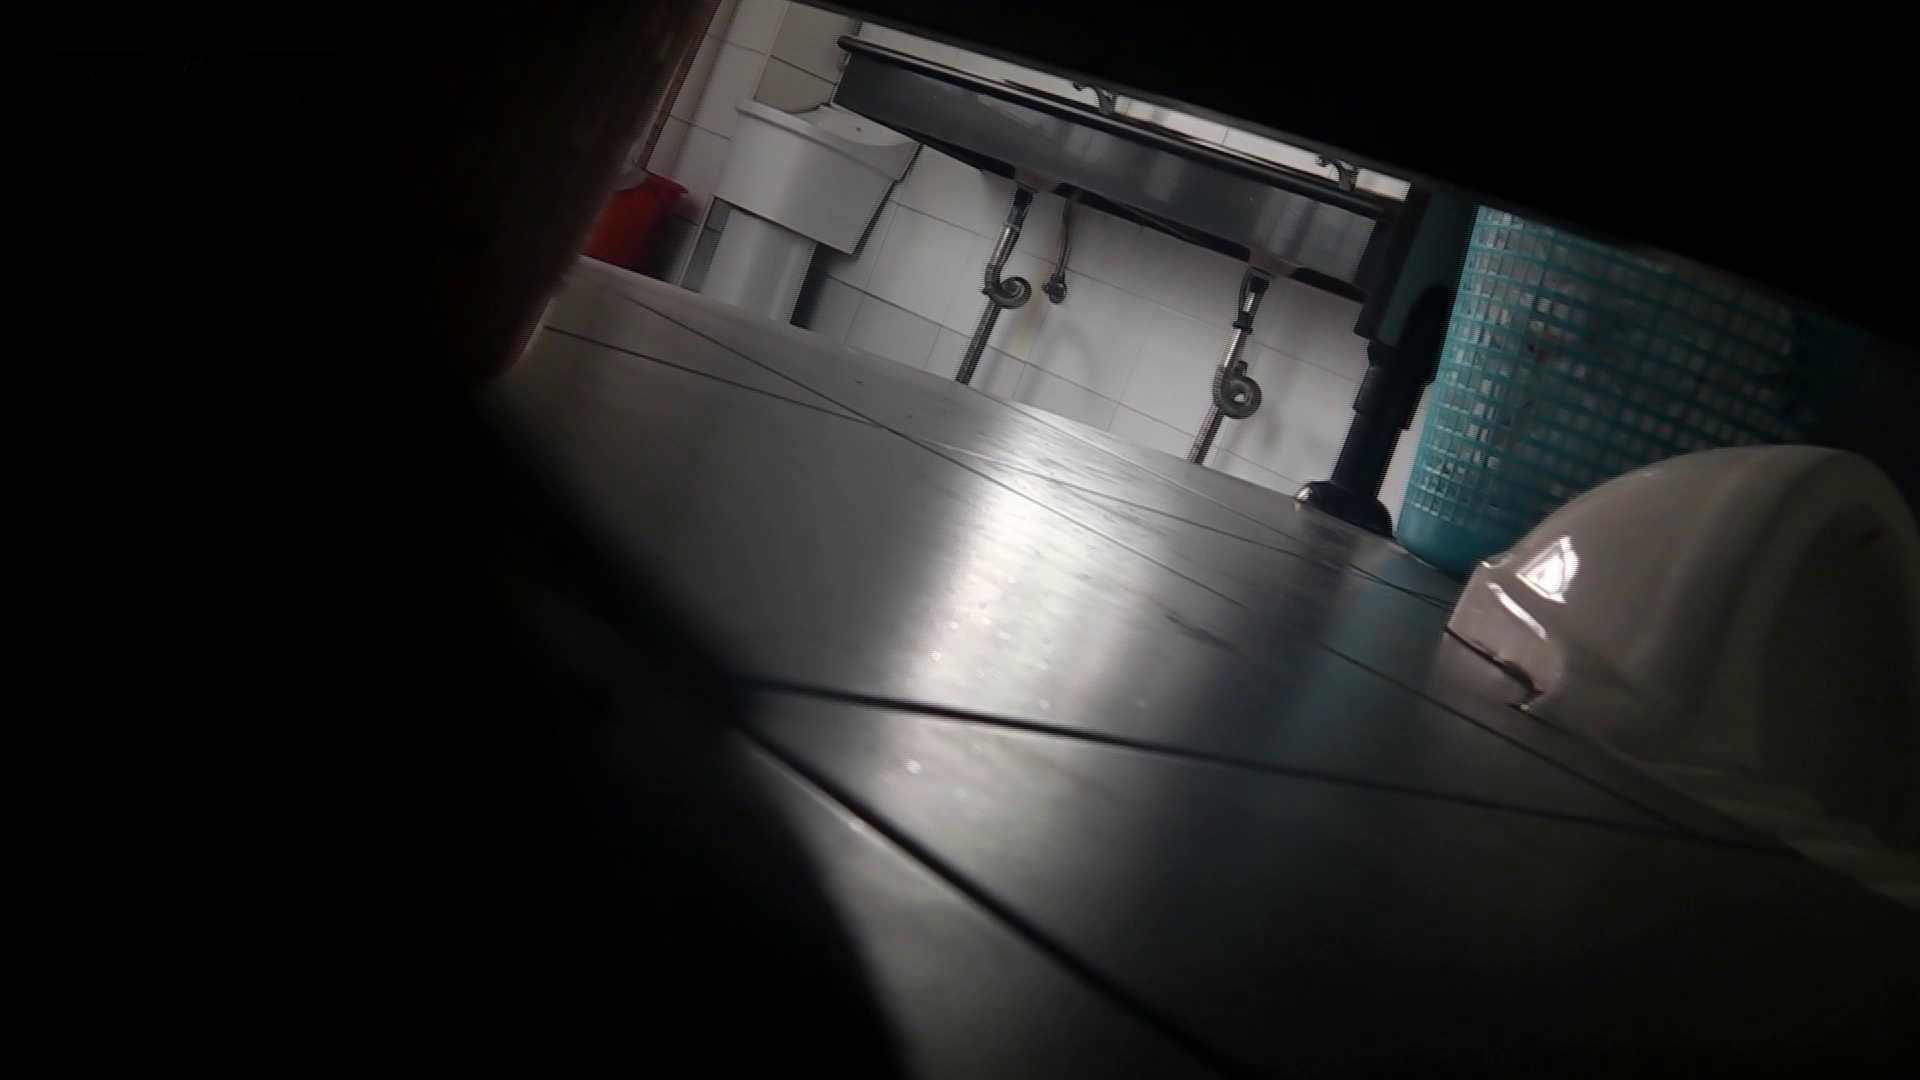 潜入!!台湾名門女学院 Vol.05 15センチ以上の濃厚糸を垂らしながら爽快 OLのボディ AV無料動画キャプチャ 82PIX 62